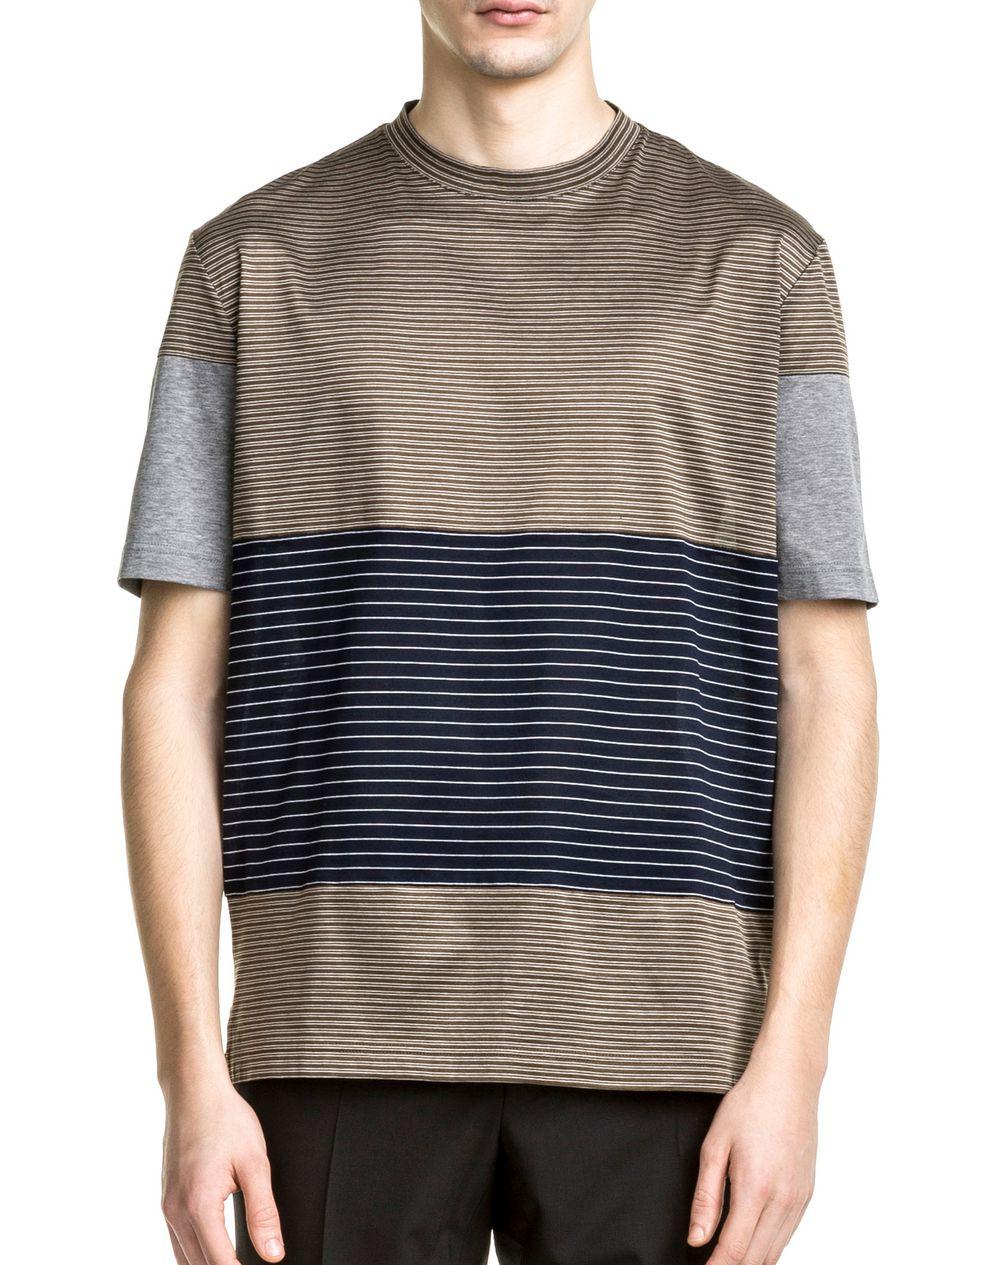 t shirt kaki bleu marine et gris lanvin polo t shirt homme boutique en ligne lanvin. Black Bedroom Furniture Sets. Home Design Ideas